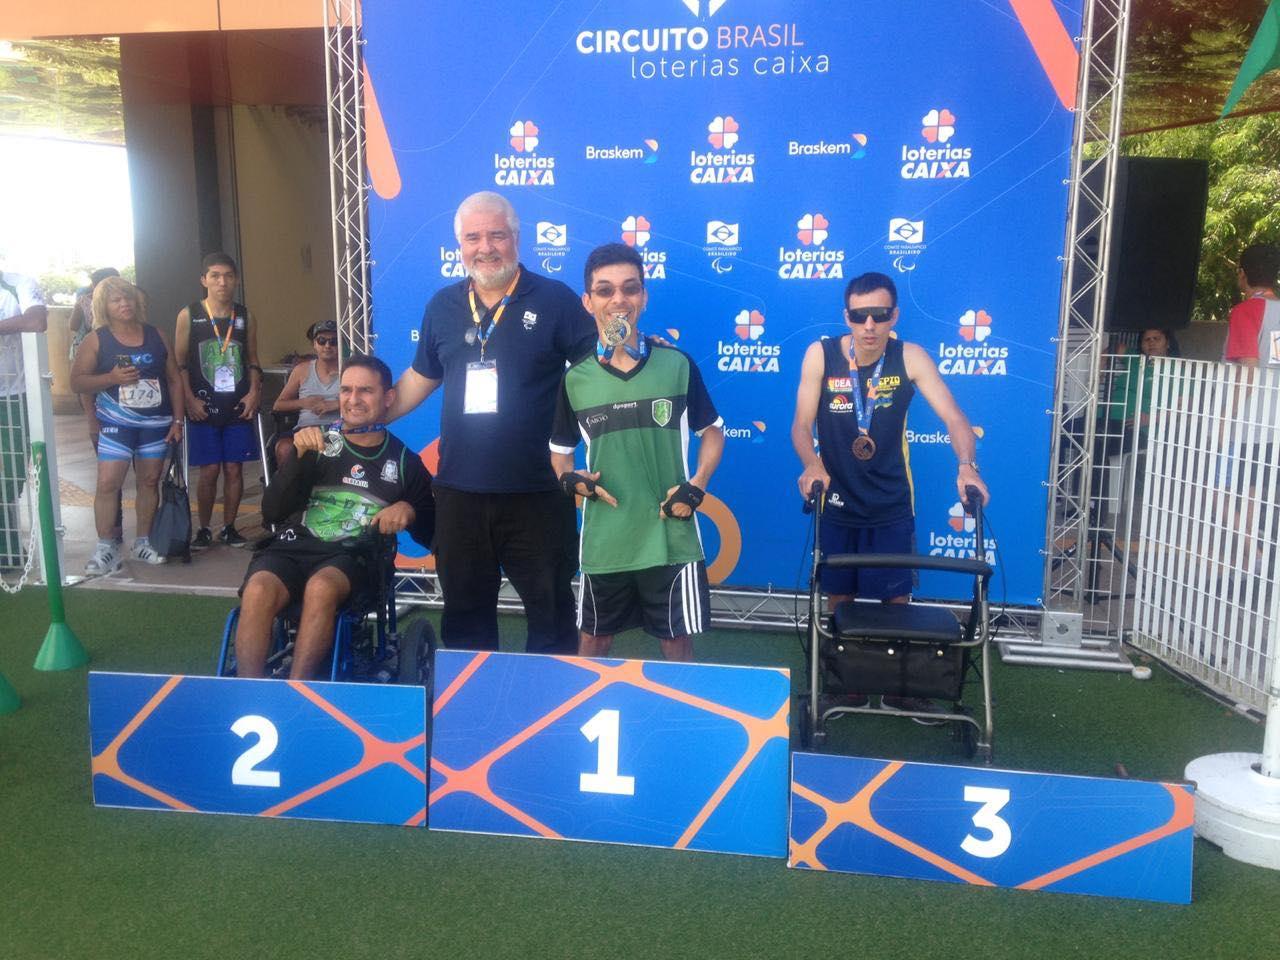 Paratletas se destacam no Circuito Loterias Caixa de atletismo e natação